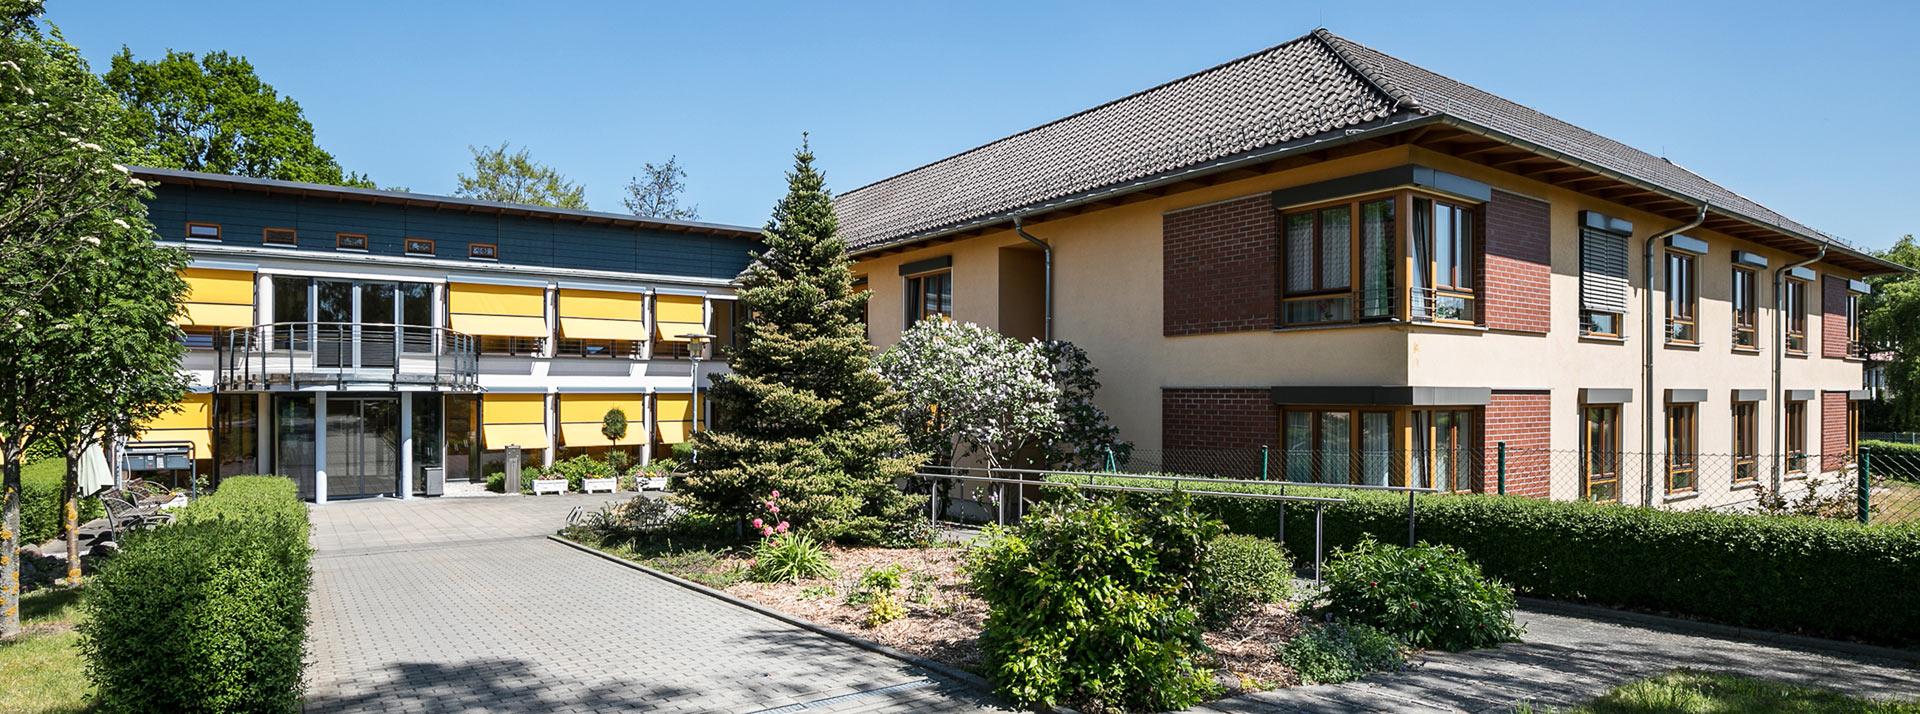 Altenpflegeheim Sonnenhof Schildau